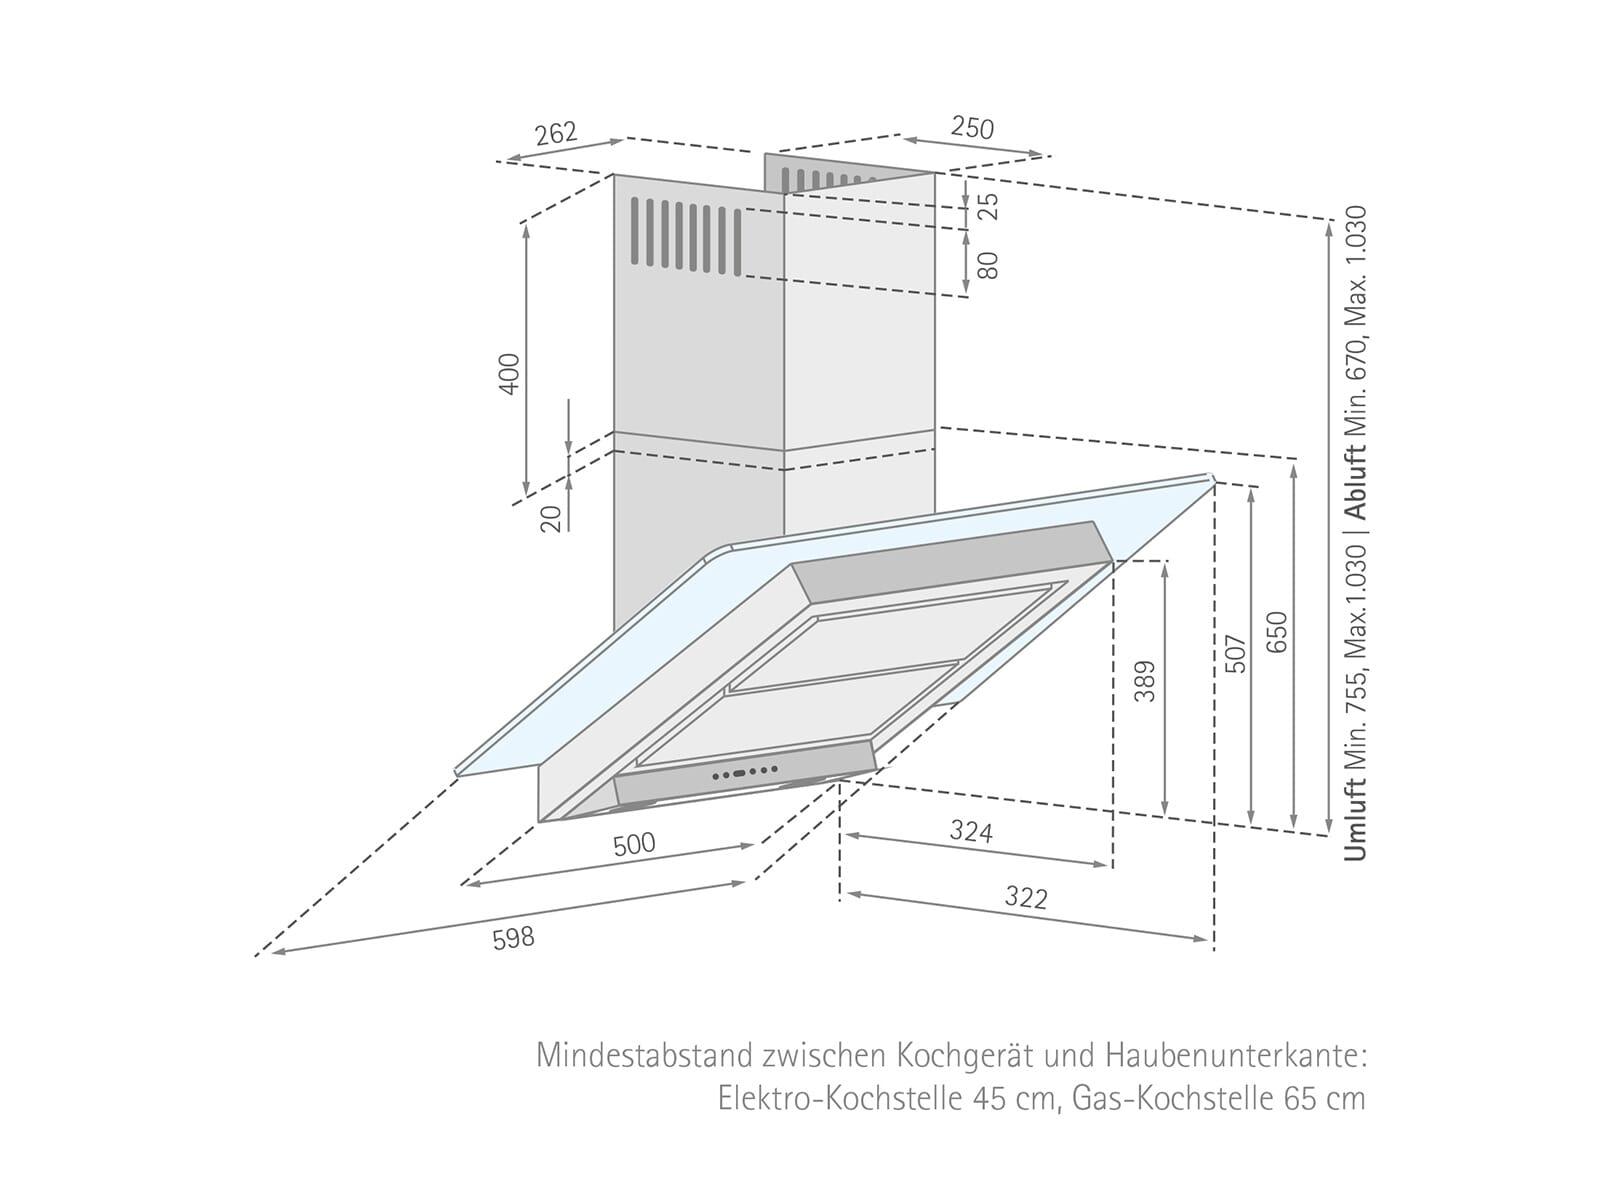 Silverline Perla Deluxe PEW 685.2 EK Kopffreihaube Edelstahl/Klarglas